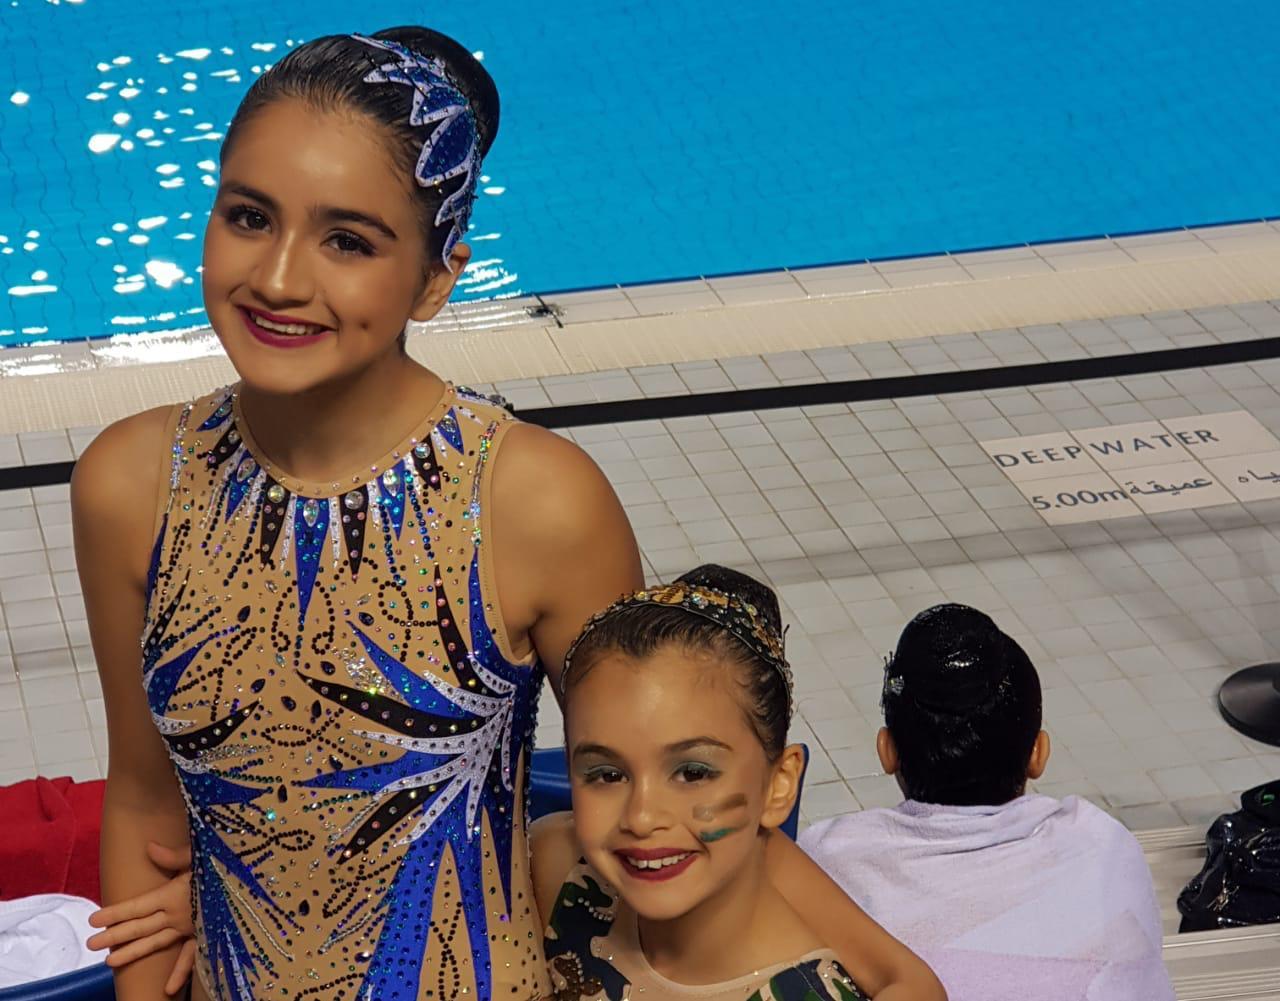 الشقيقتان ياسمينة و ريحانة ارشيدات تحرزان نتائج مميزة في رياضة باليه الماء